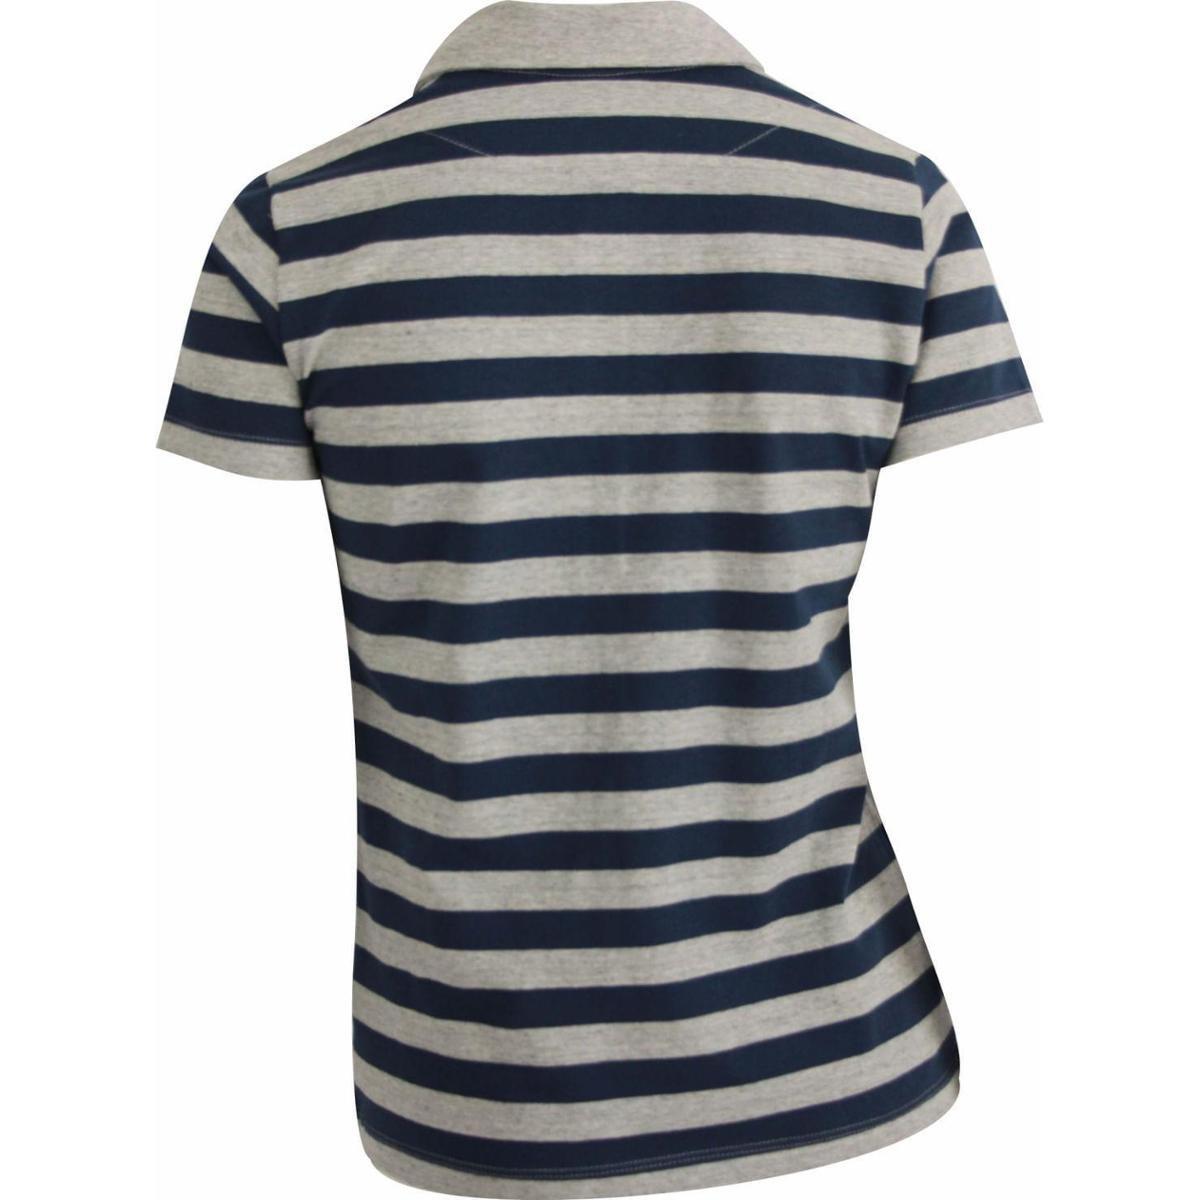 8cd6169967 Camisa Polo Pau a Pique Listrada - Compre Agora